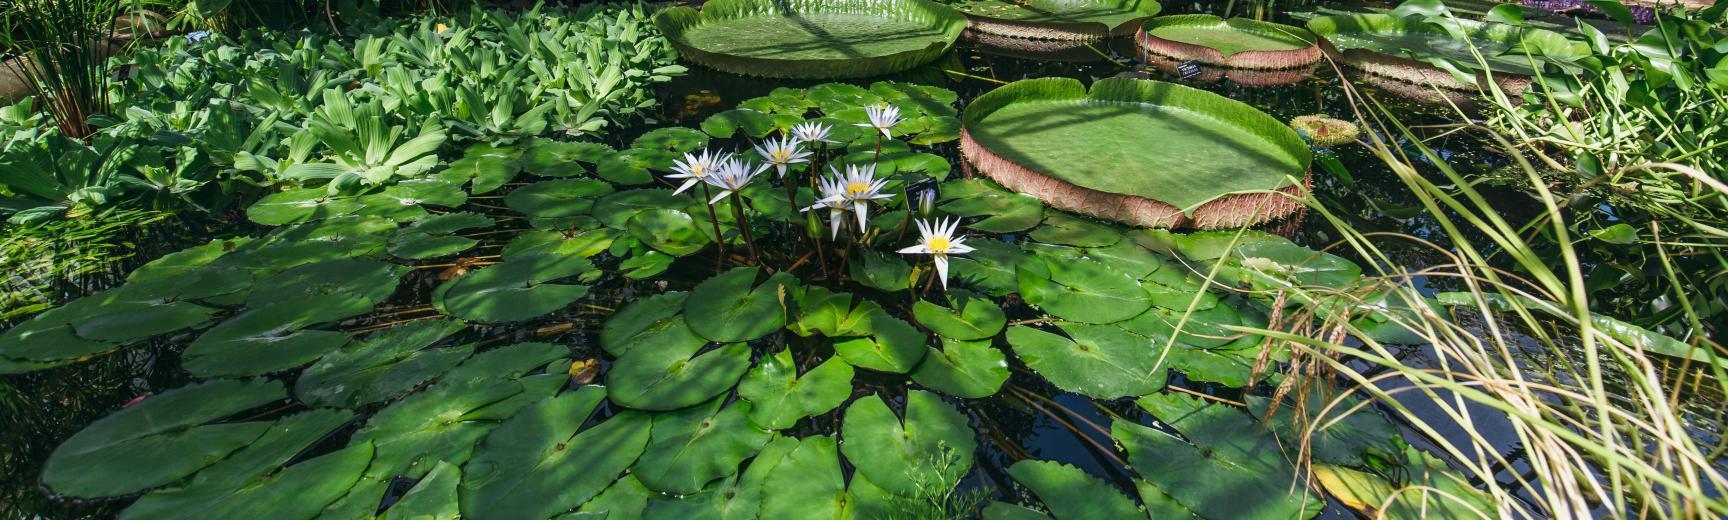 botanicgardensbyianwallman 3512